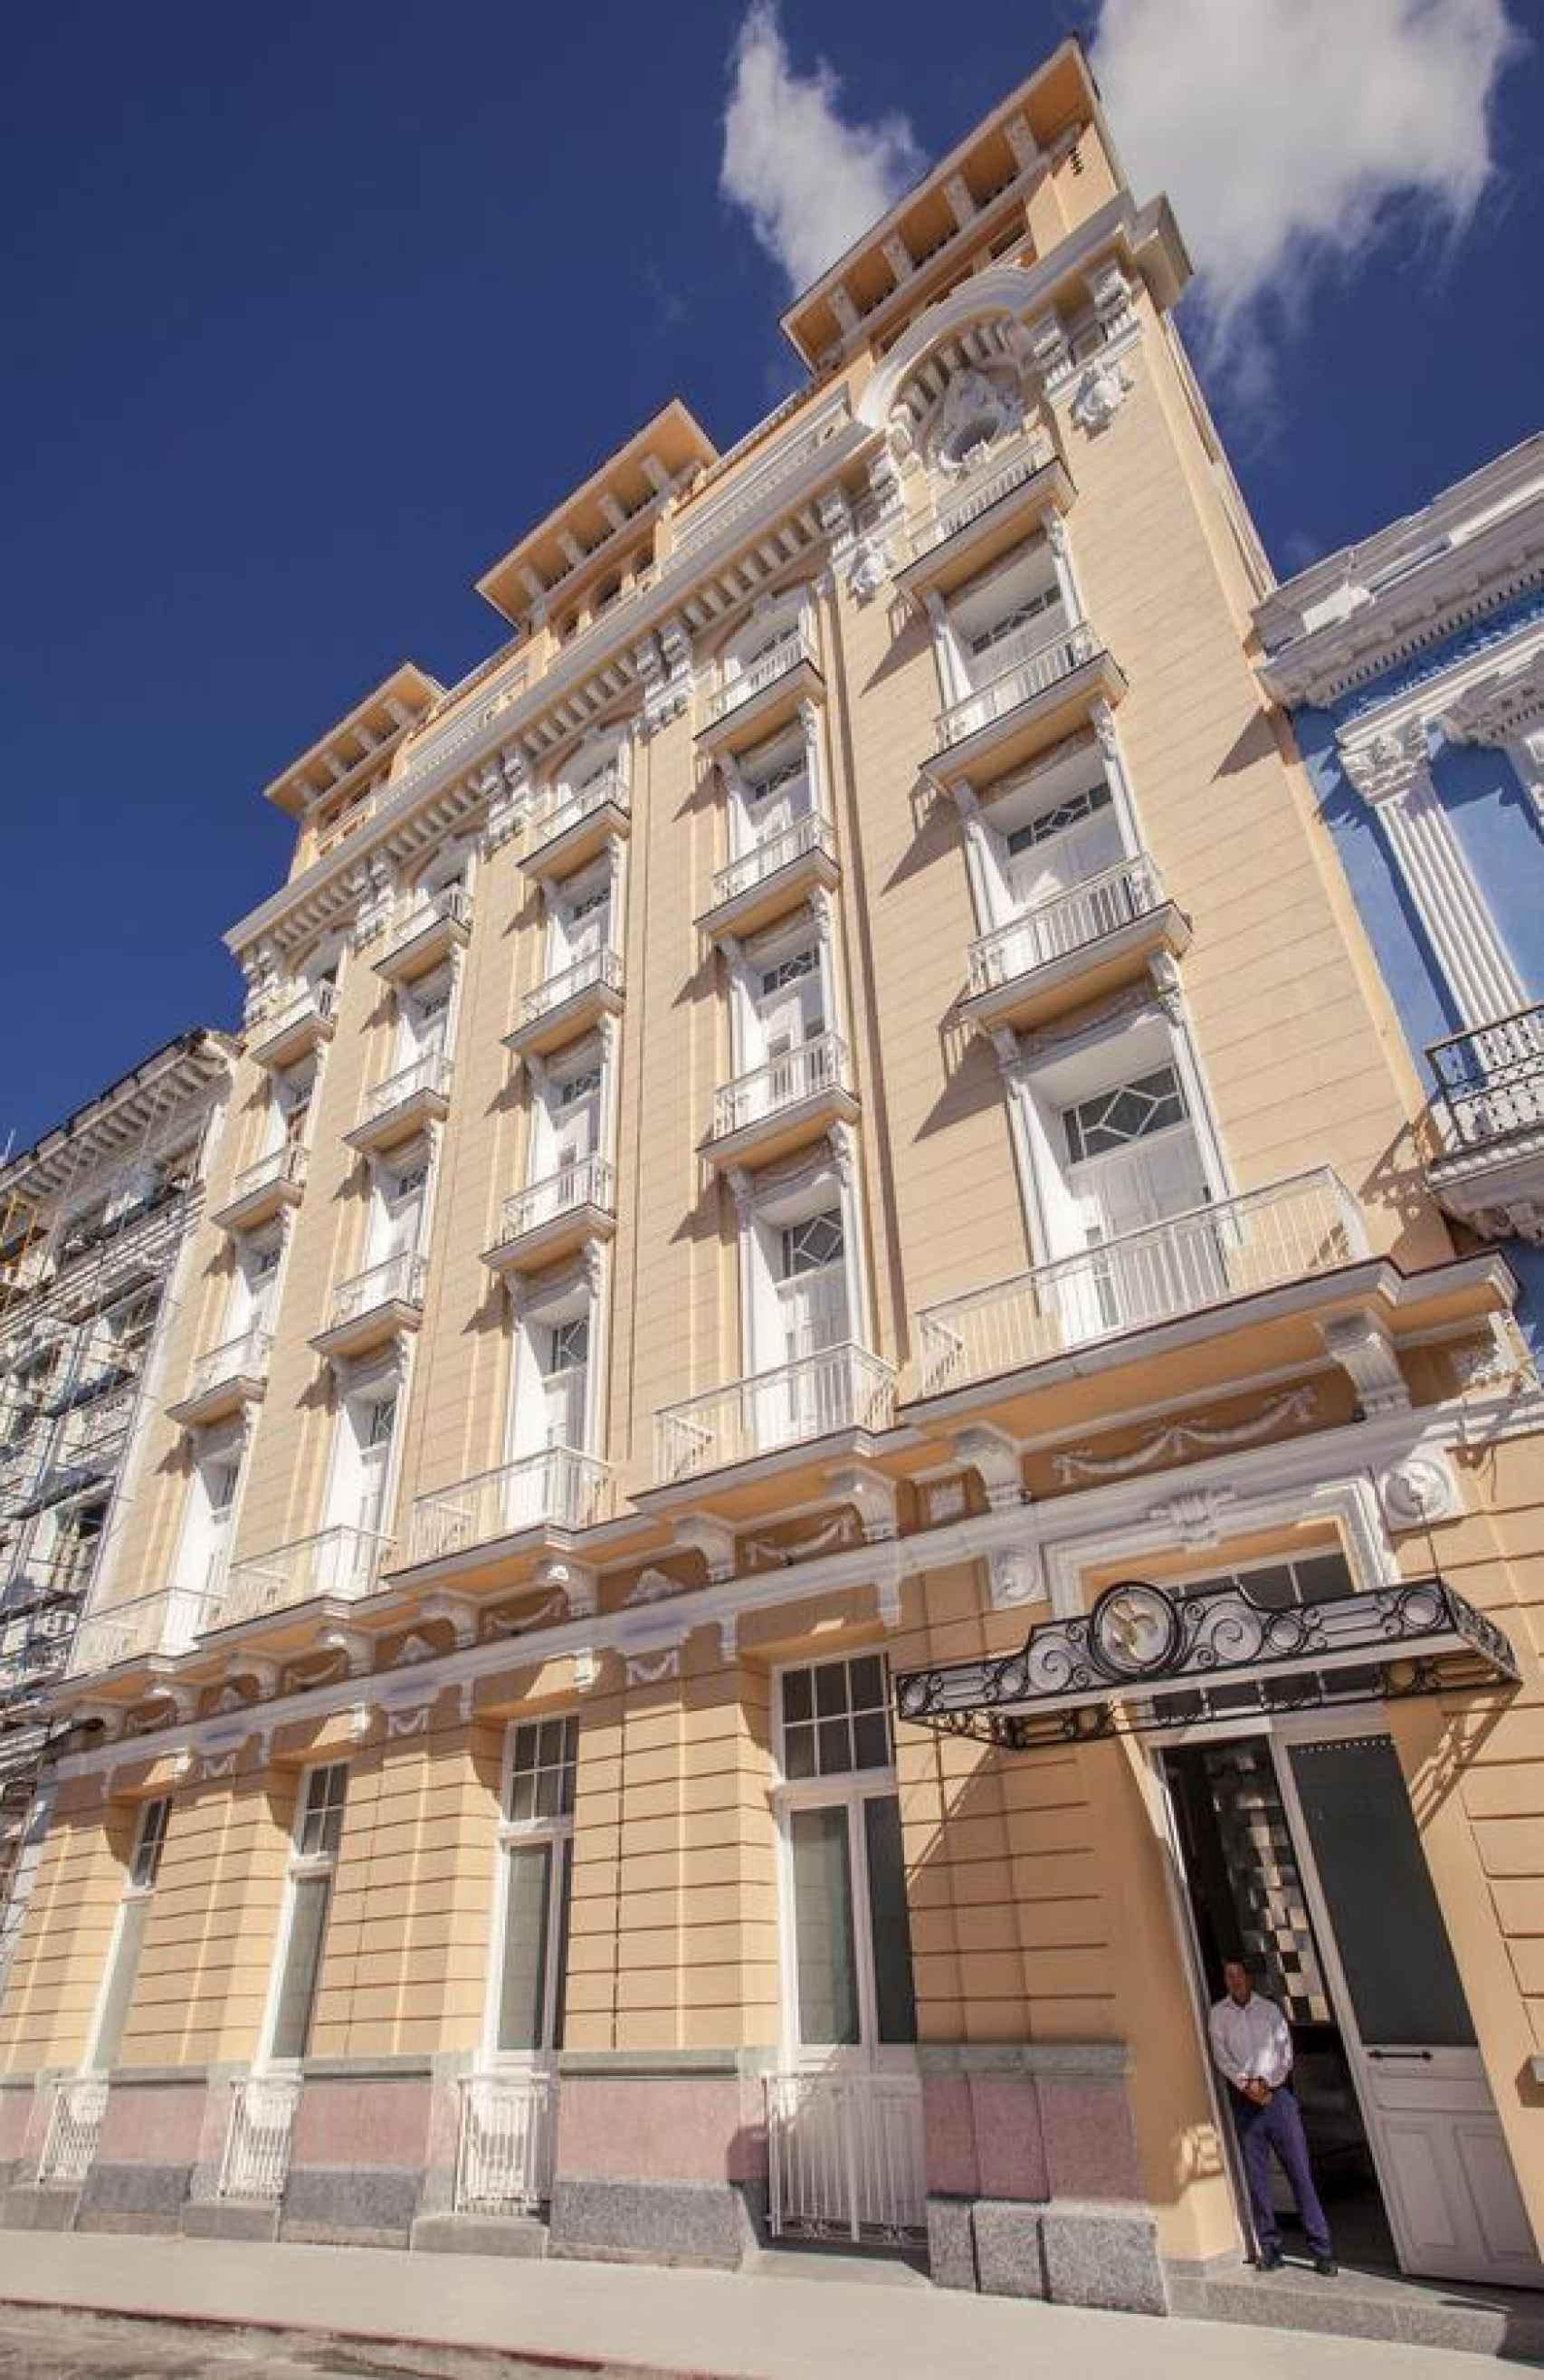 Estado actual del hotel, que está en manos del grupo Meliá.